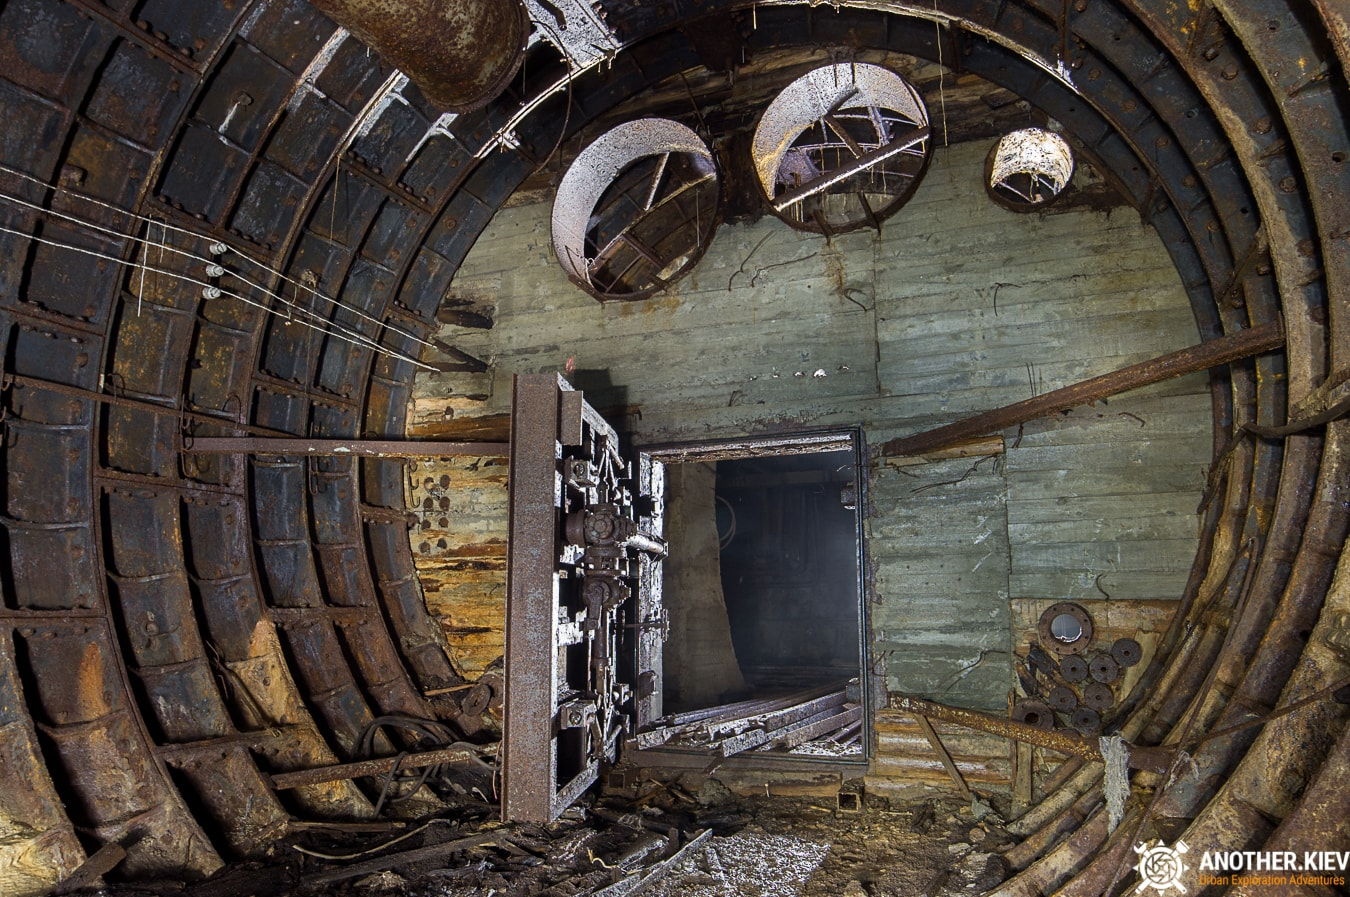 unfinished-abandoned-diesel-power-station-bunker-6857-min Недостроенная и заброшенная дизельная электростанция в киевском метро